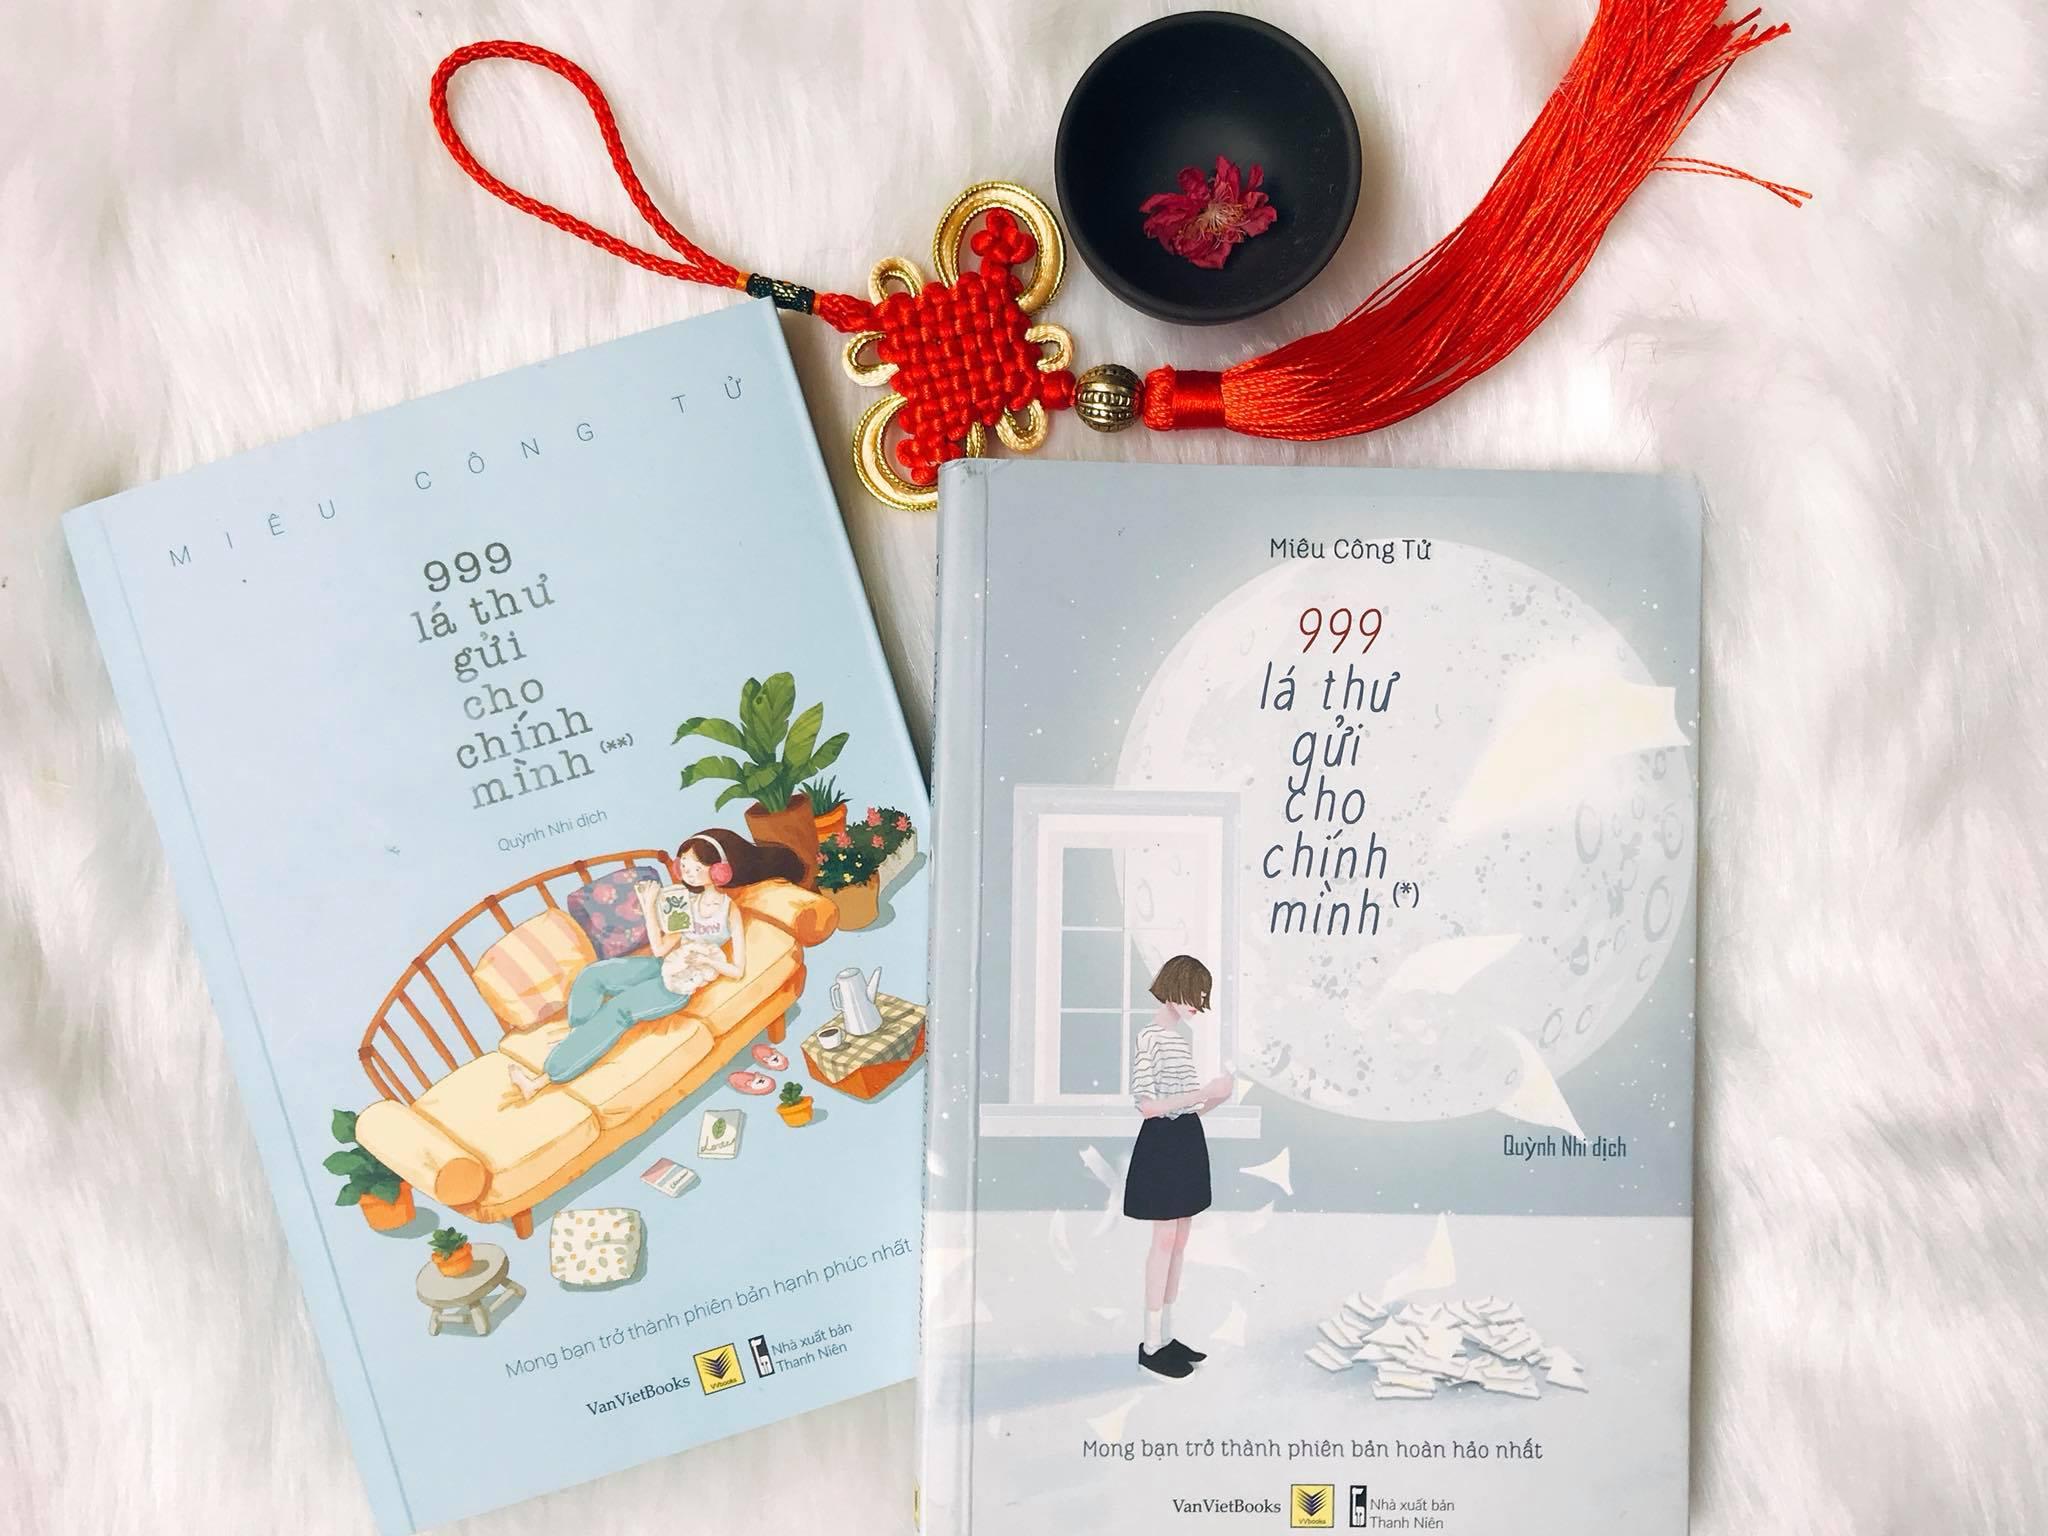 Sách 999 lá thư gửi cho chính mình - Miêu Công Tử - reviewsach.net